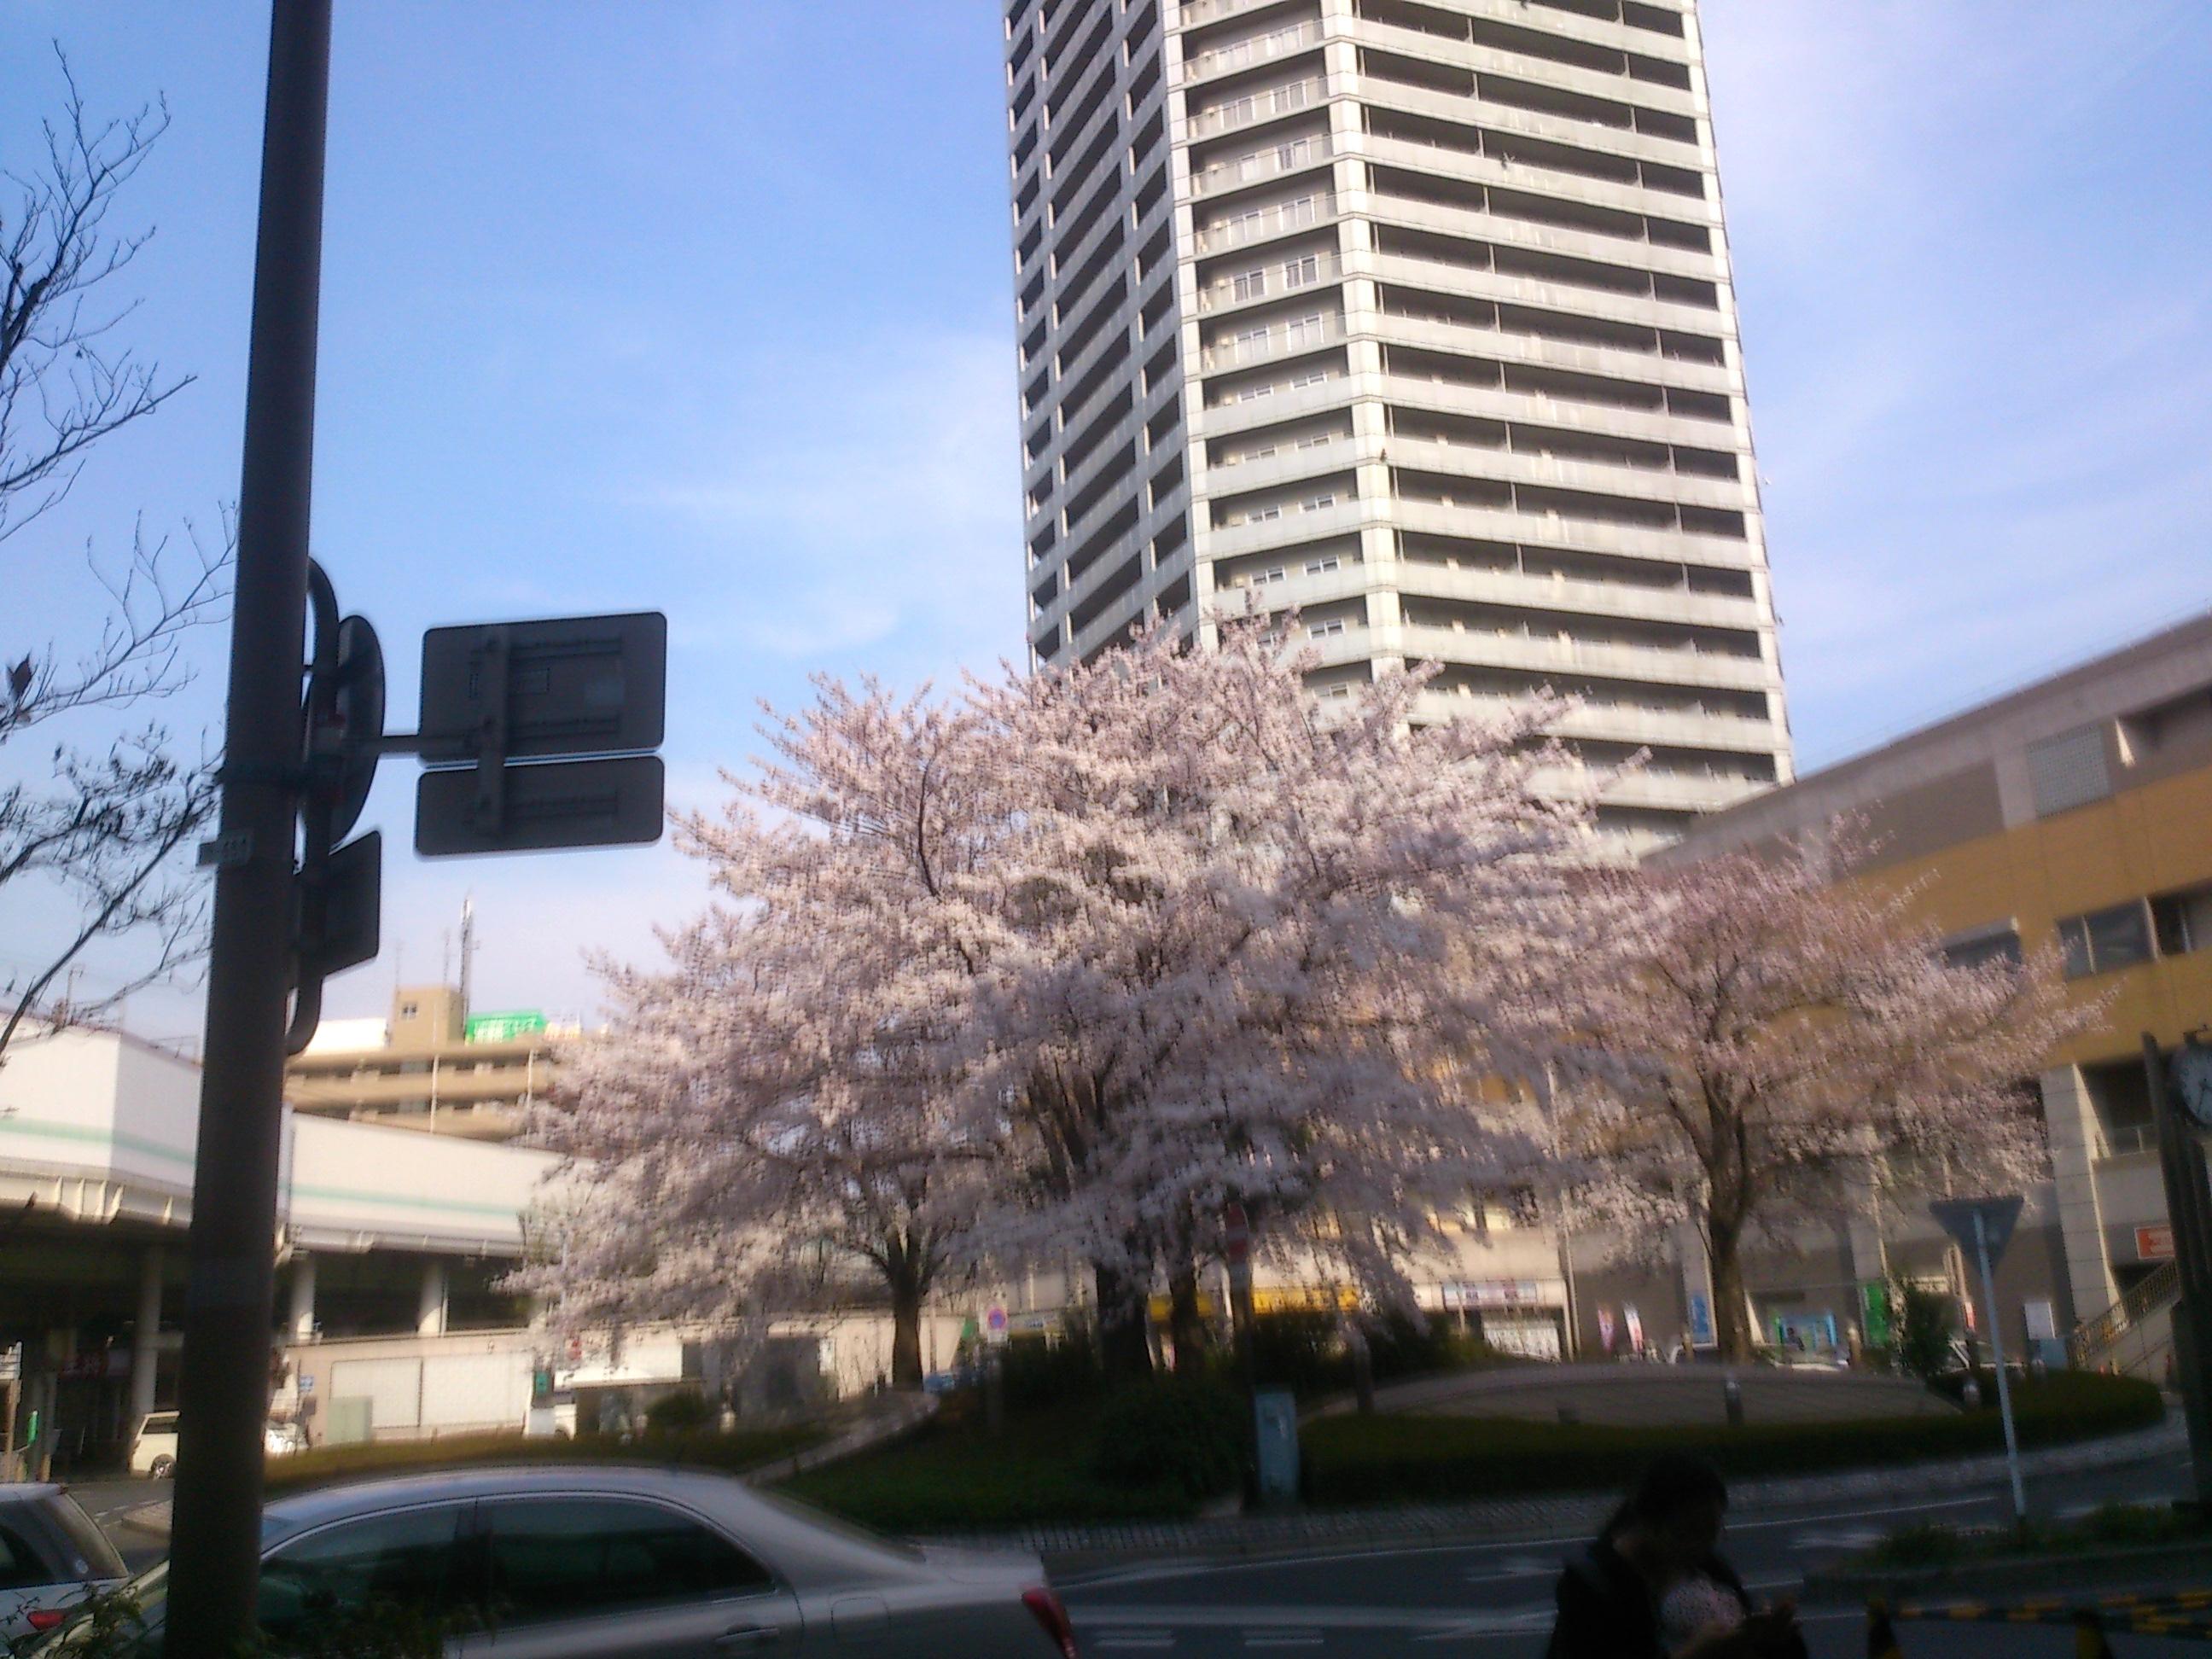 8分咲き:武蔵浦和駅東口ロータリーの桜の開花状況